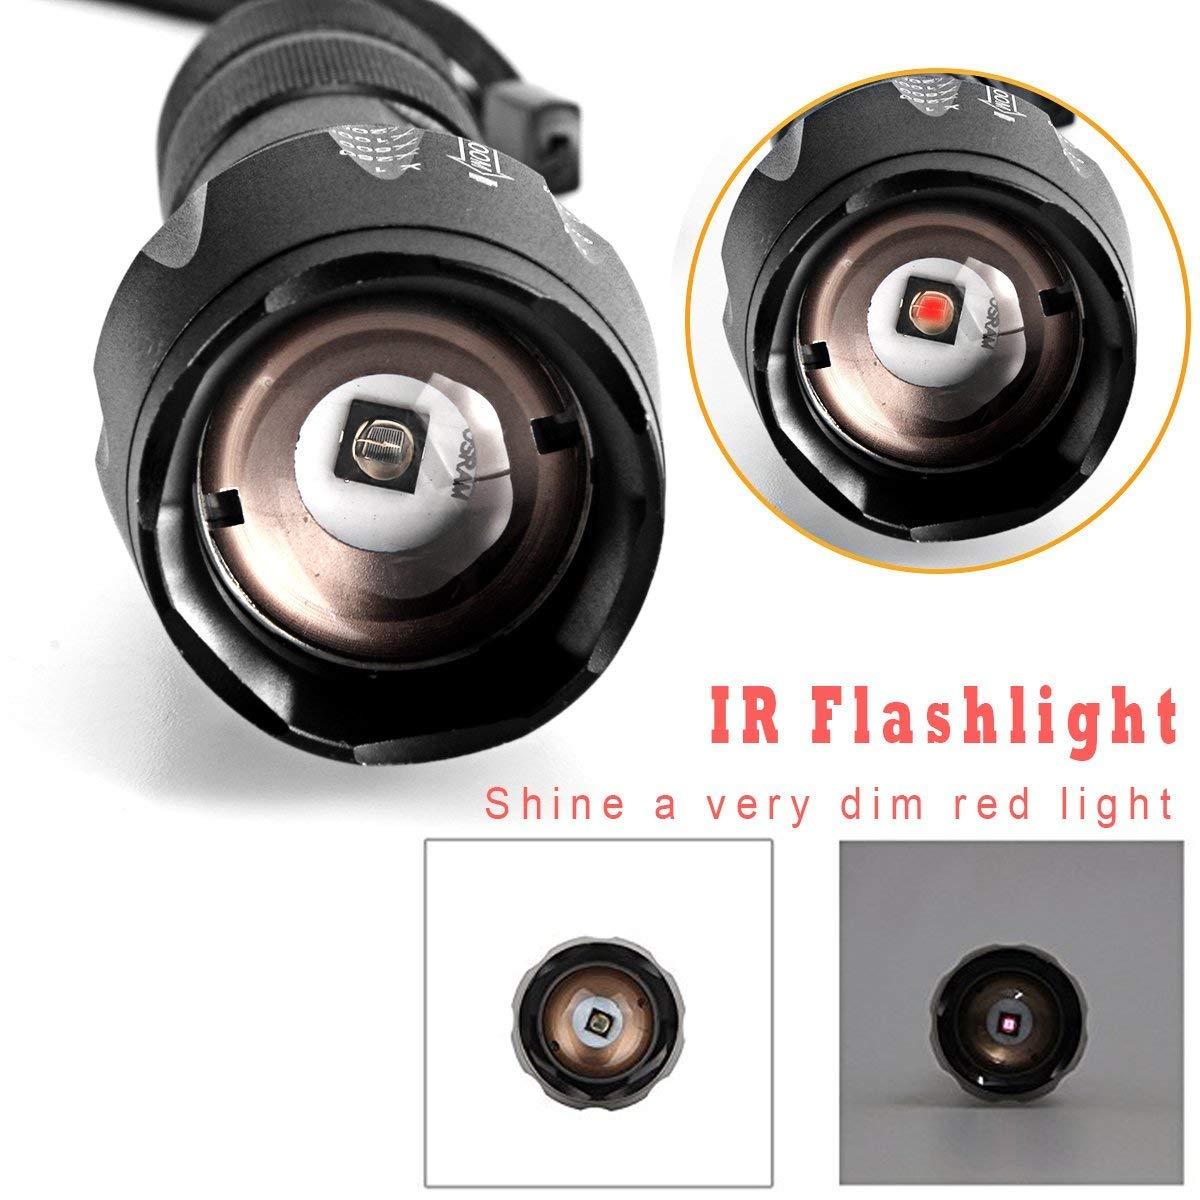 UltraFire IR Illuminator linterna 850/nm luz infrarroja Visi/ón Nocturna linterna Enfoque adjustablenfr Ared LED Linterna para visi/ón nocturna Coyote Hog Predator Caza